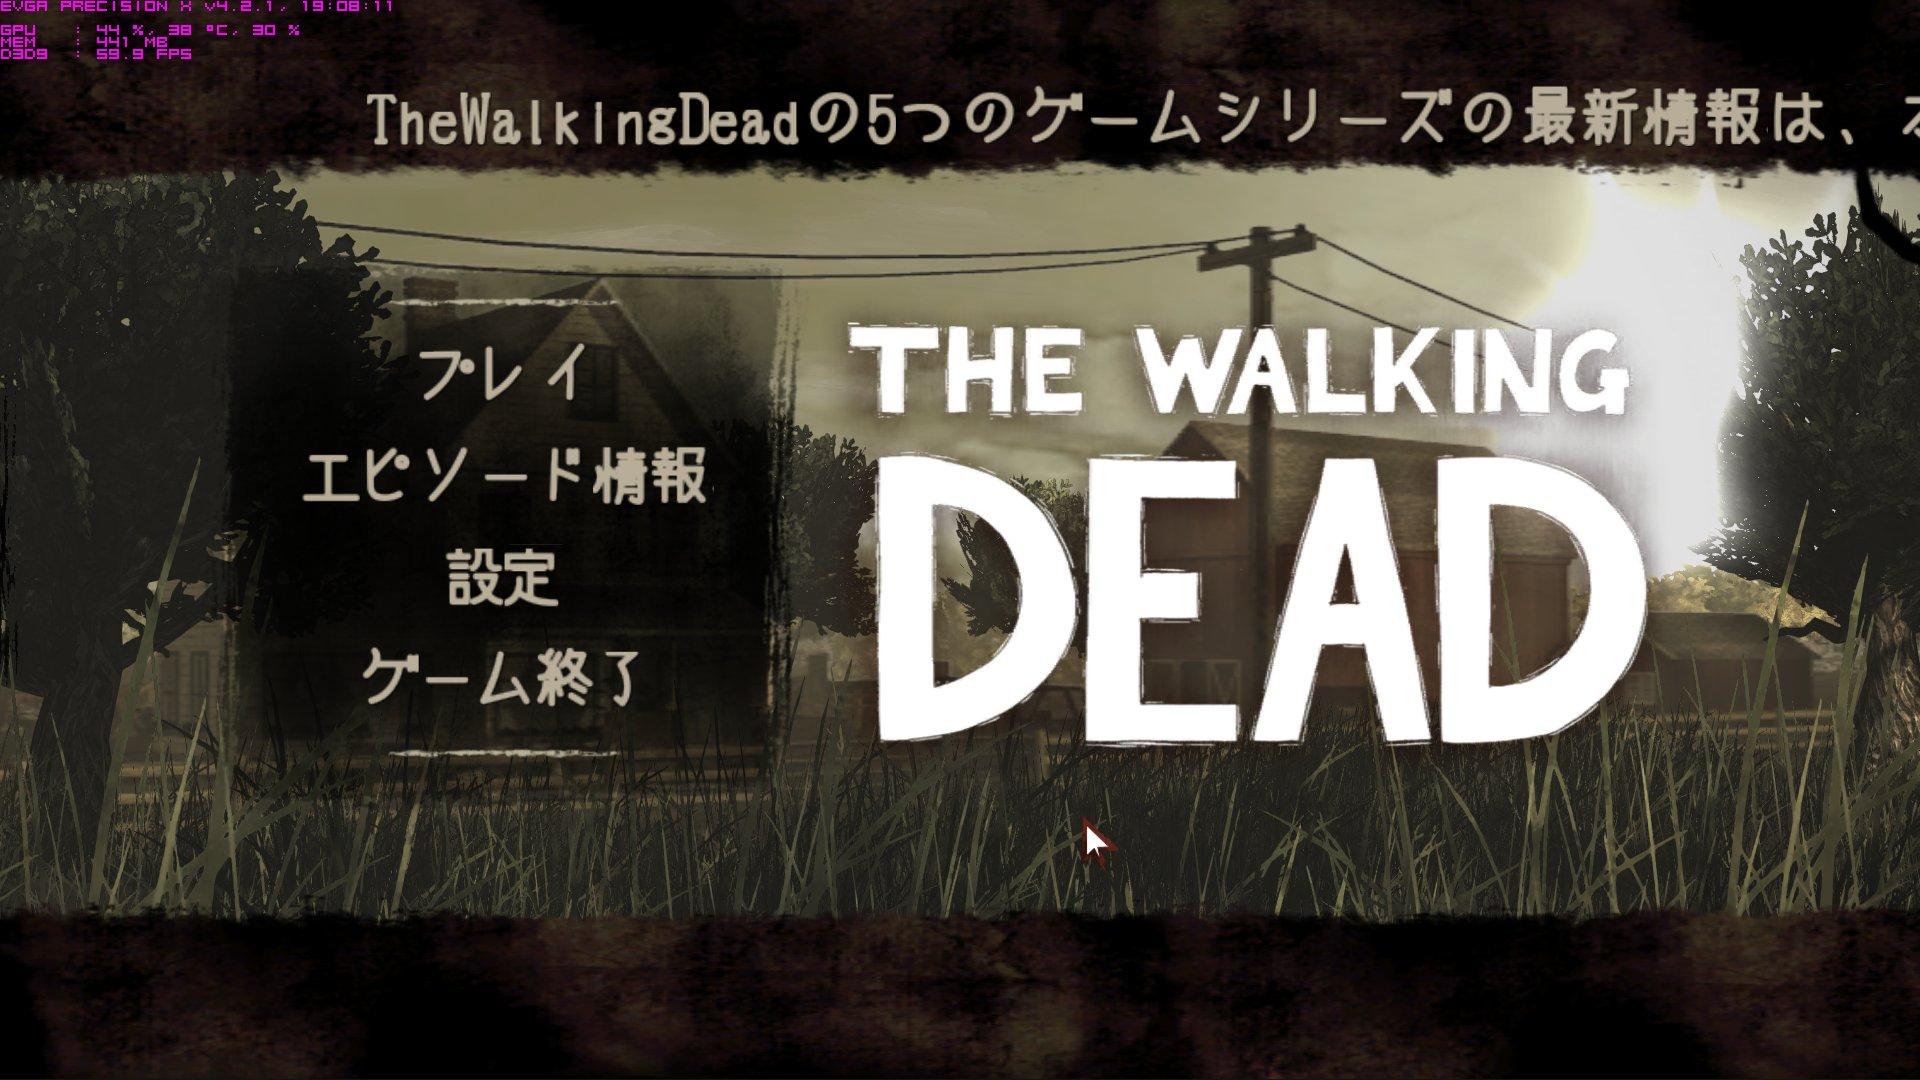 WalkingDead101_2013_12_03_19_08_11_755.jpg